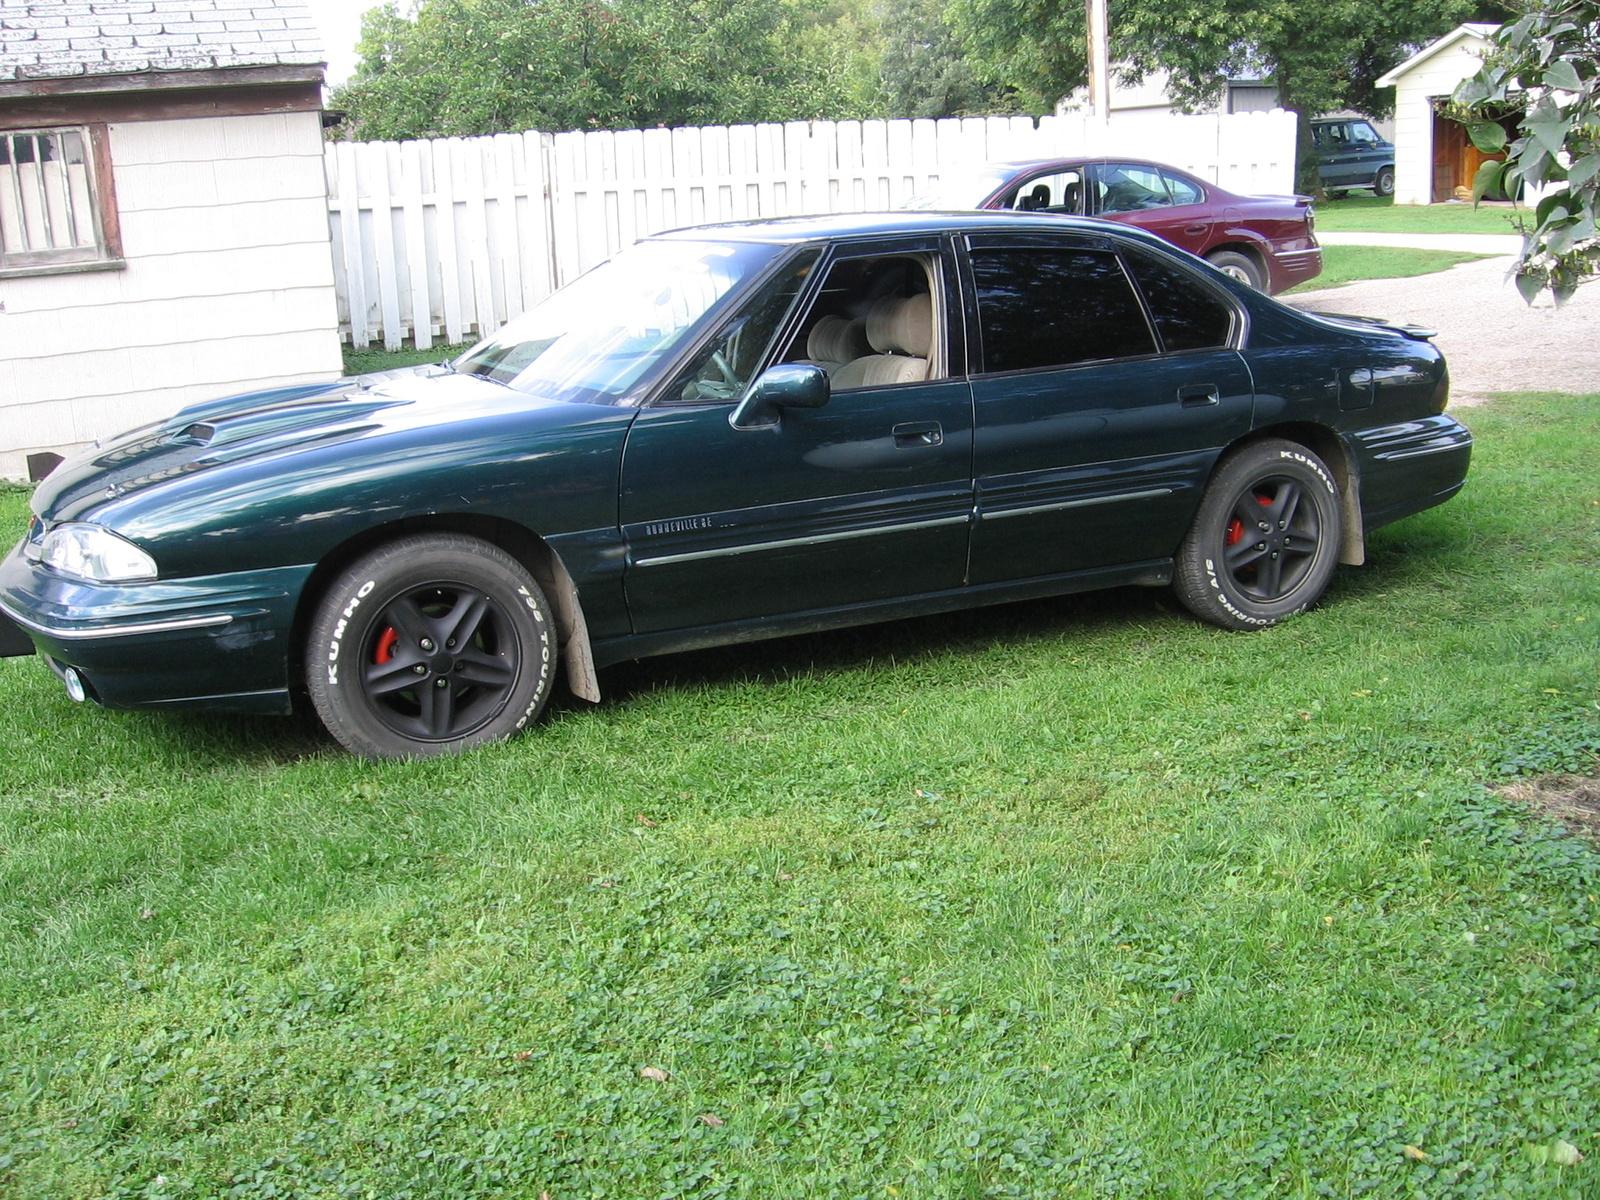 Pontiac Ssei Gold 1998 Bonneville